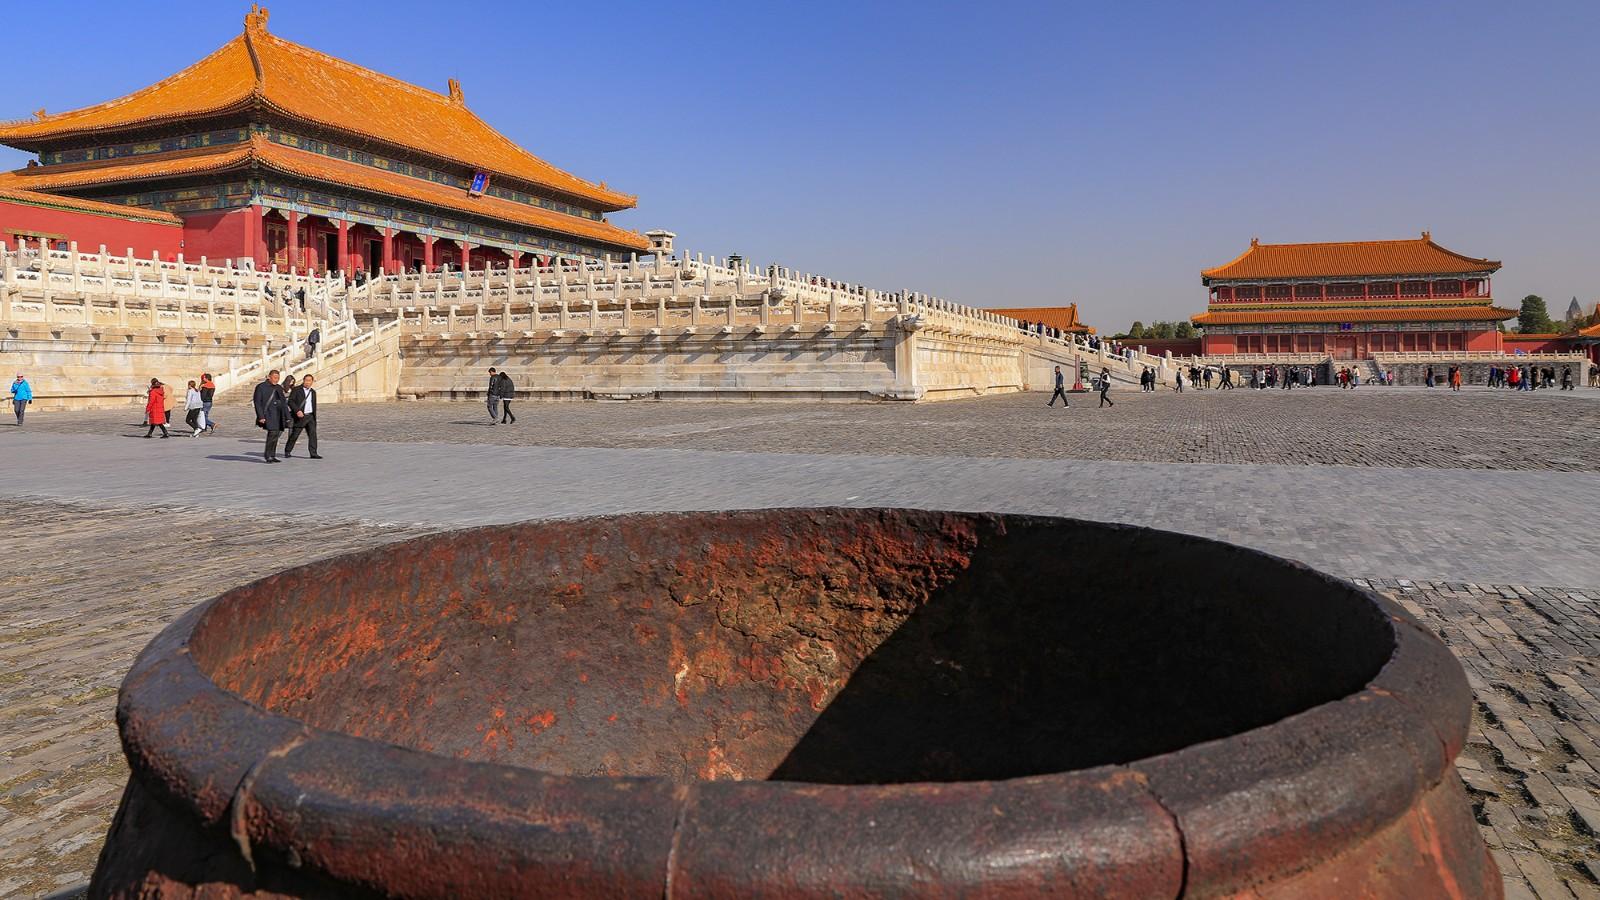 【岁月留痕】8-8    王越  13601098050   2019年11月14日拍摄于北京故宫博物院_副本.jpg